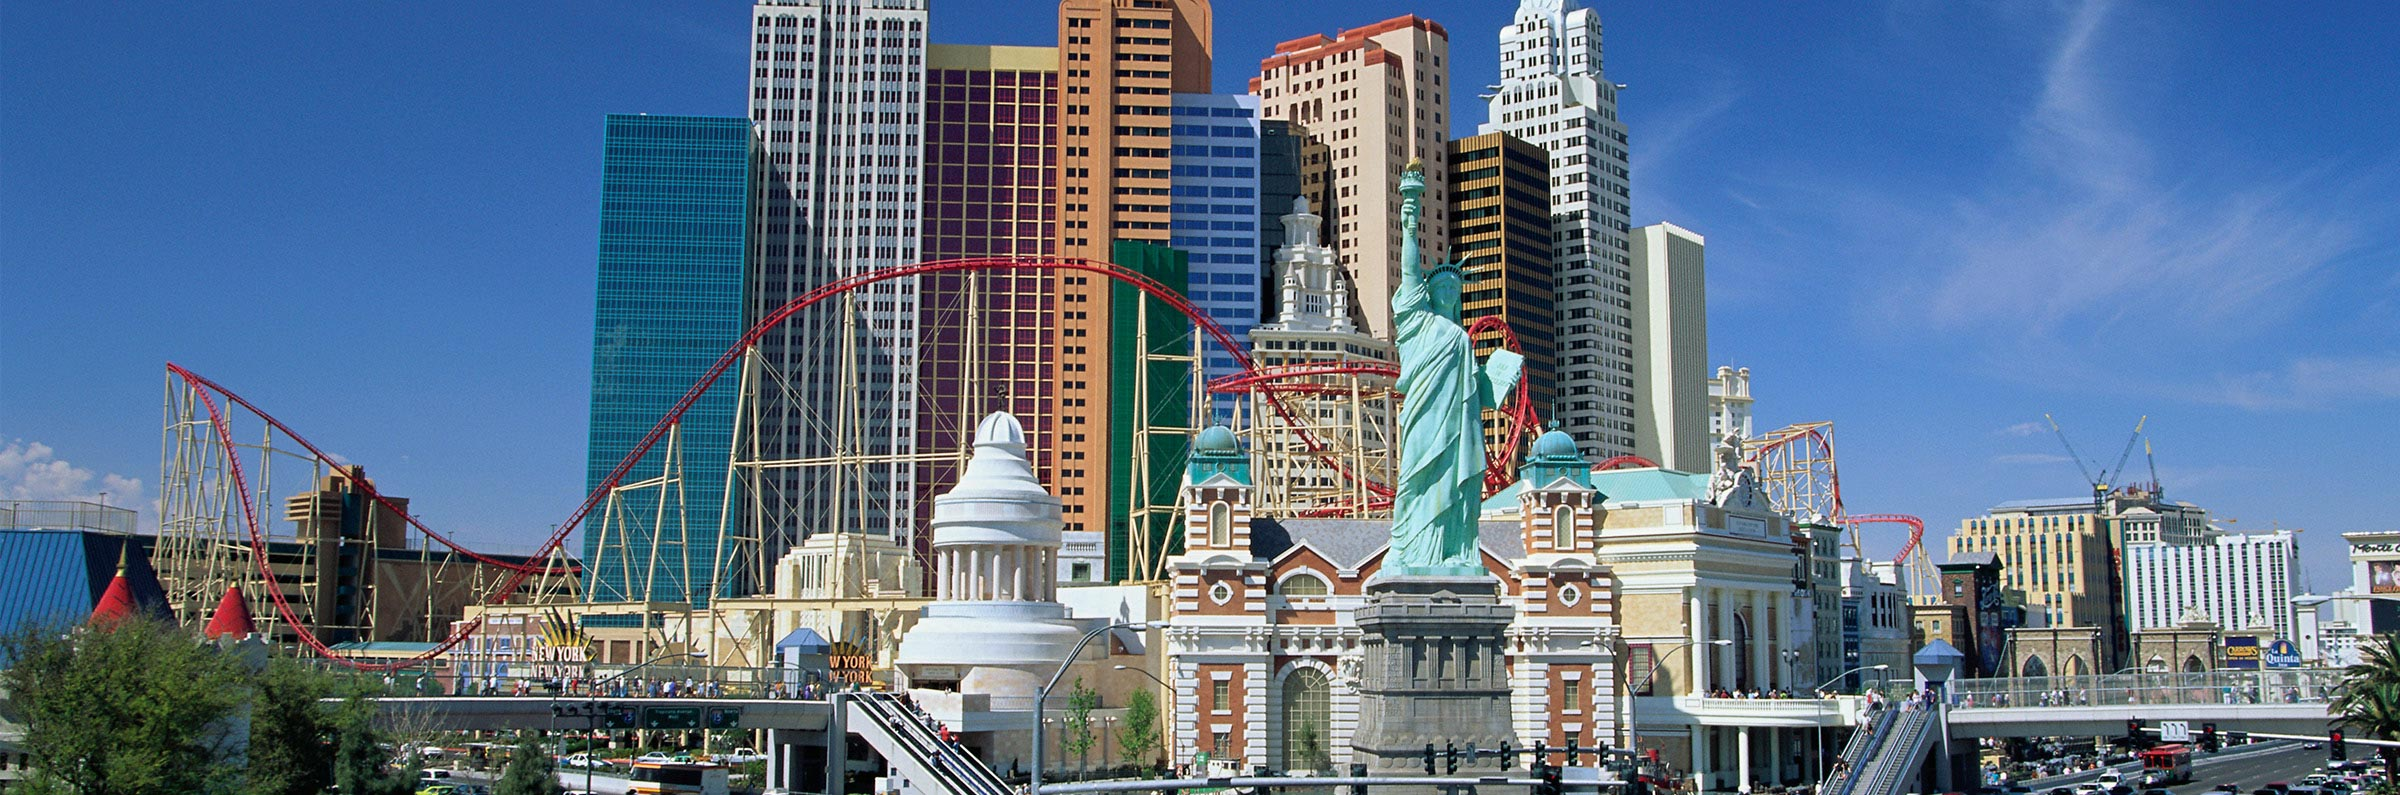 Luoghi e attrazioni in Las Vegas